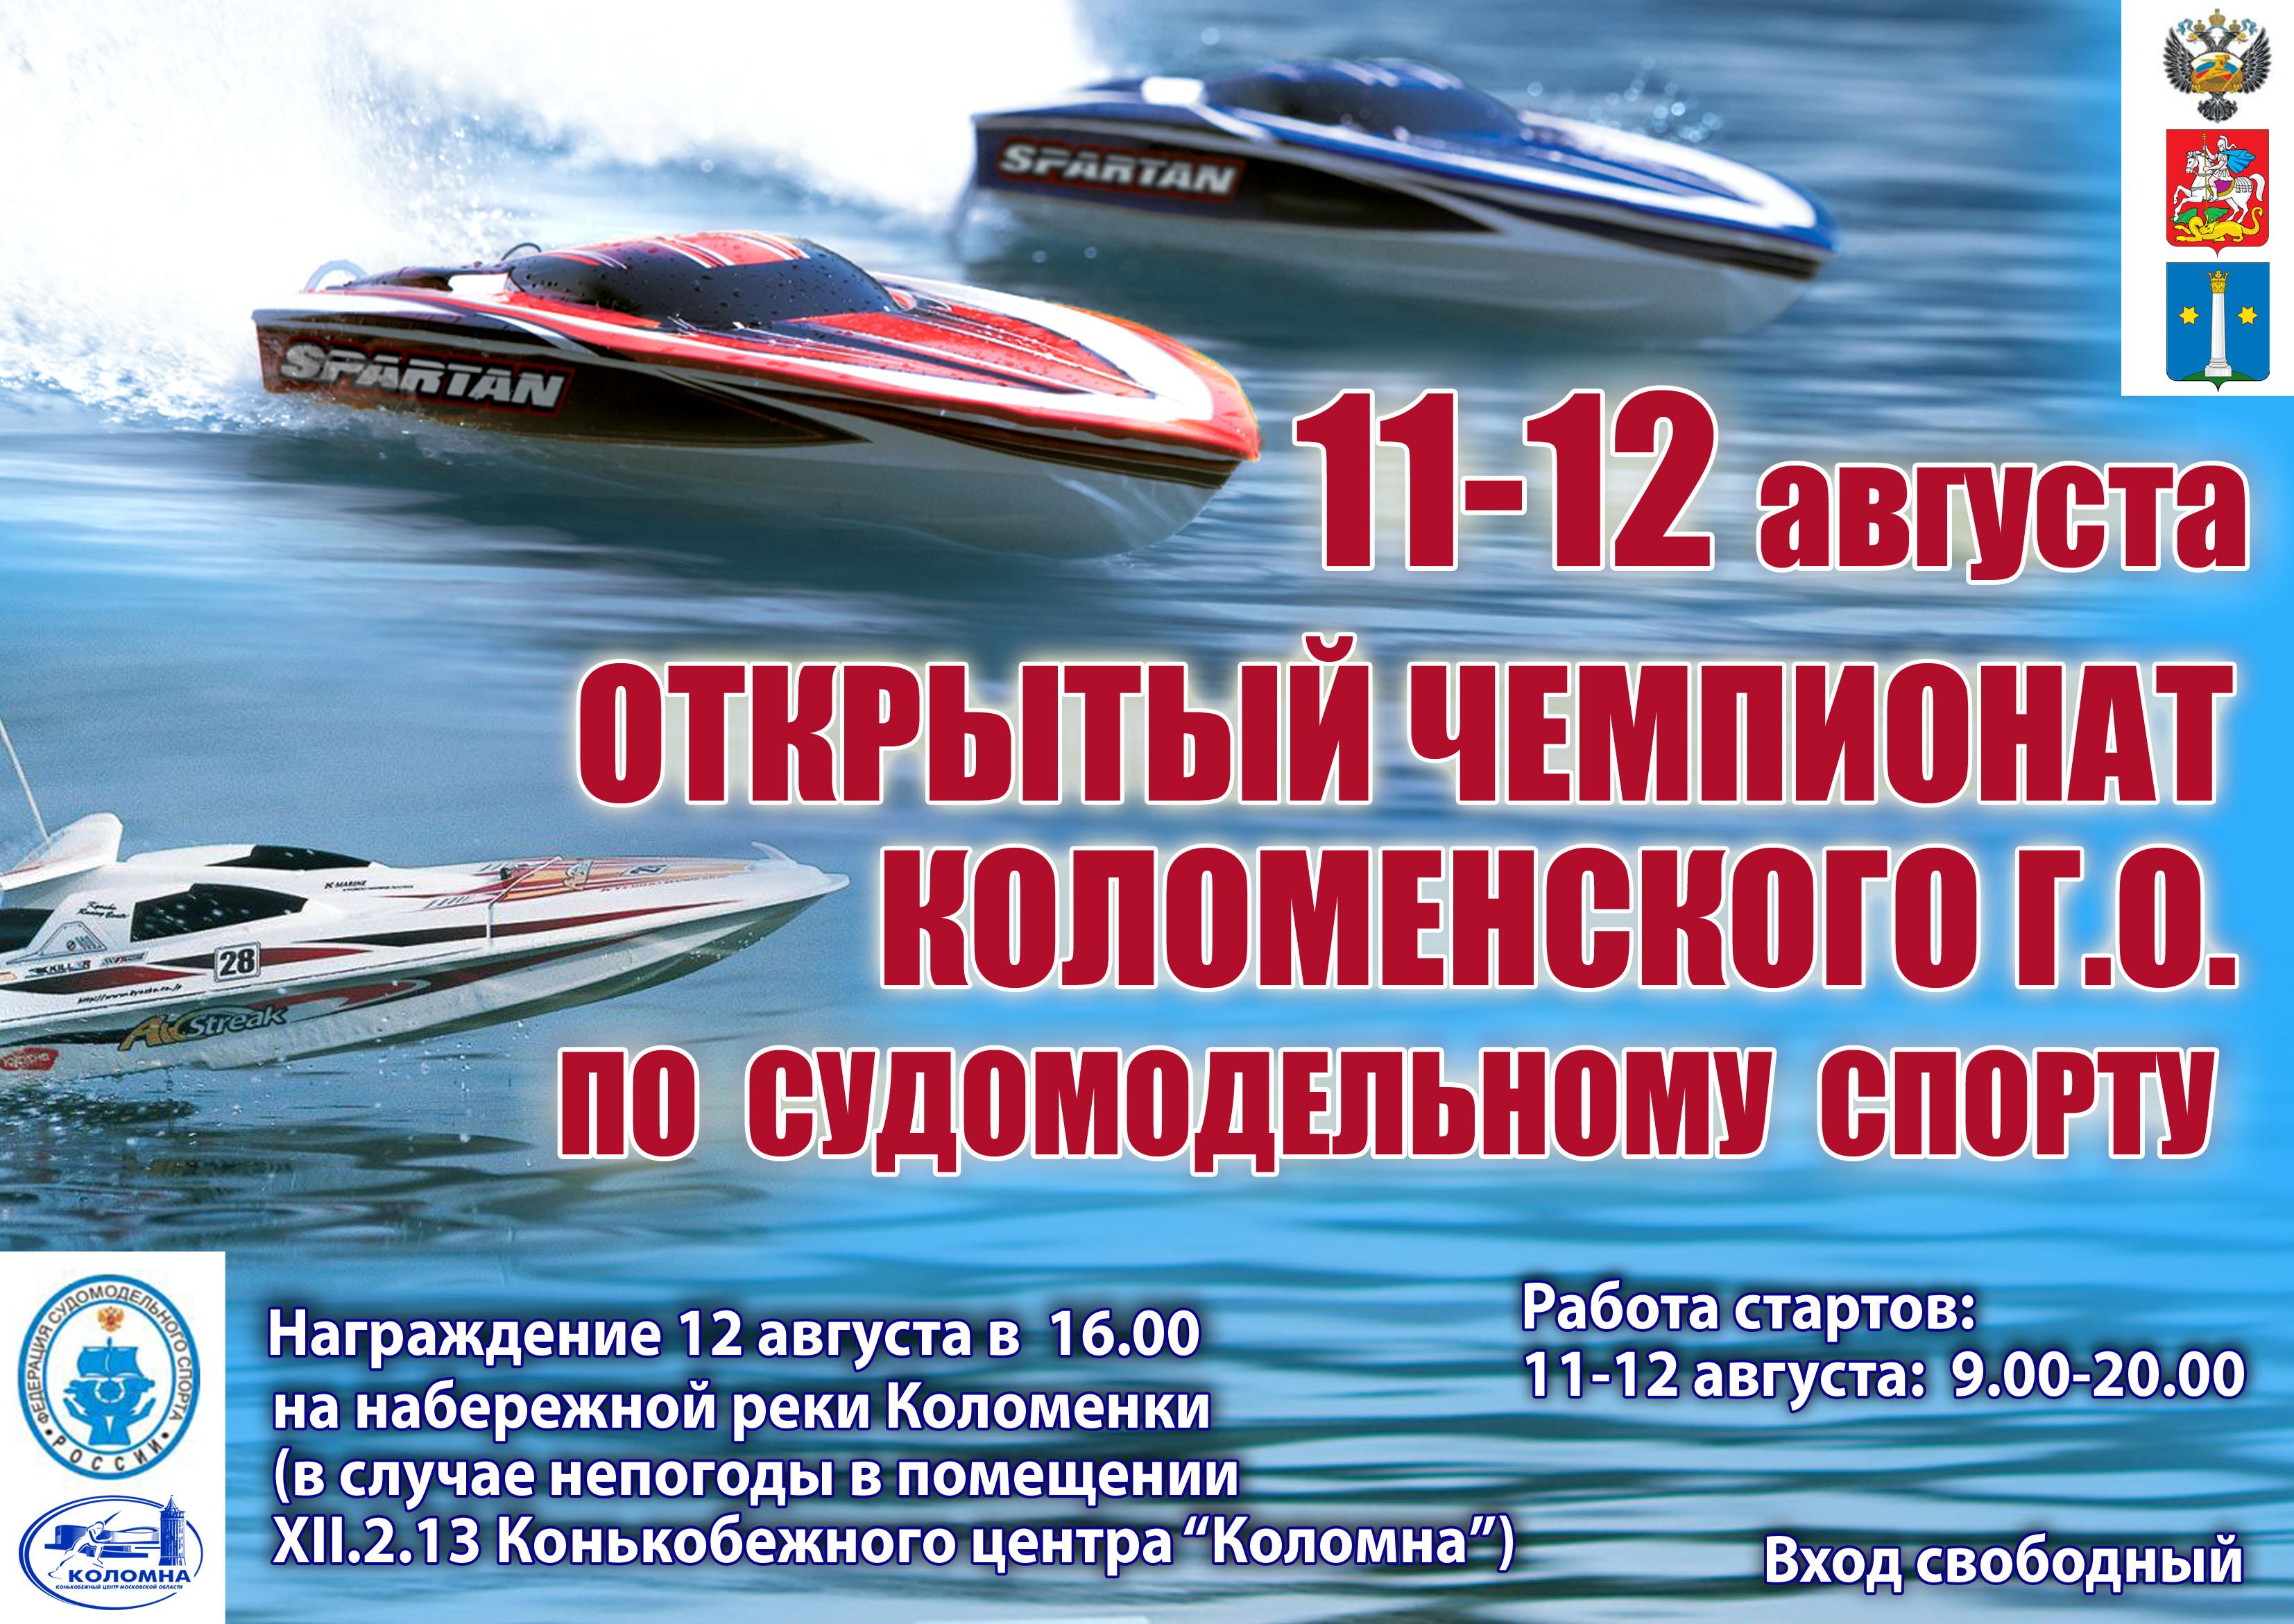 Открытый Чемпионат Коломенского городского округа по судомодельному спорту